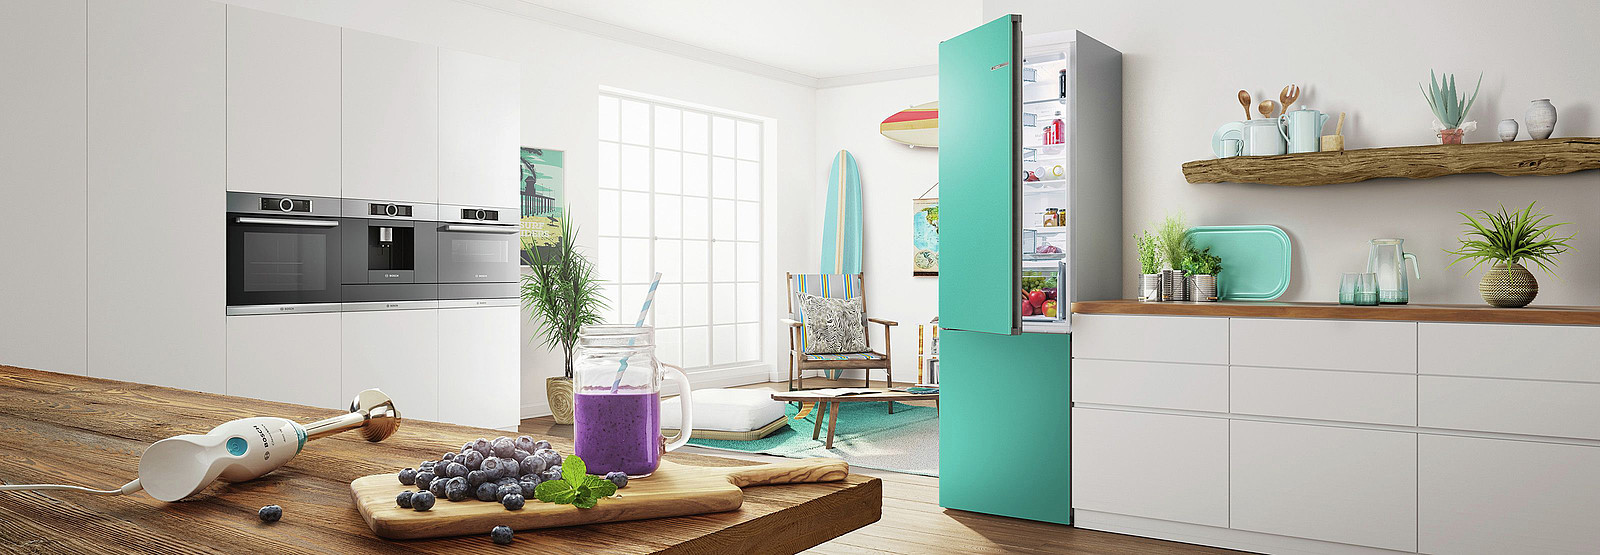 Full Size of Holzküche Auffrischen Kchenfarben Welche Farbe Passt Zu Wem Vollholzküche Massivholzküche Wohnzimmer Holzküche Auffrischen